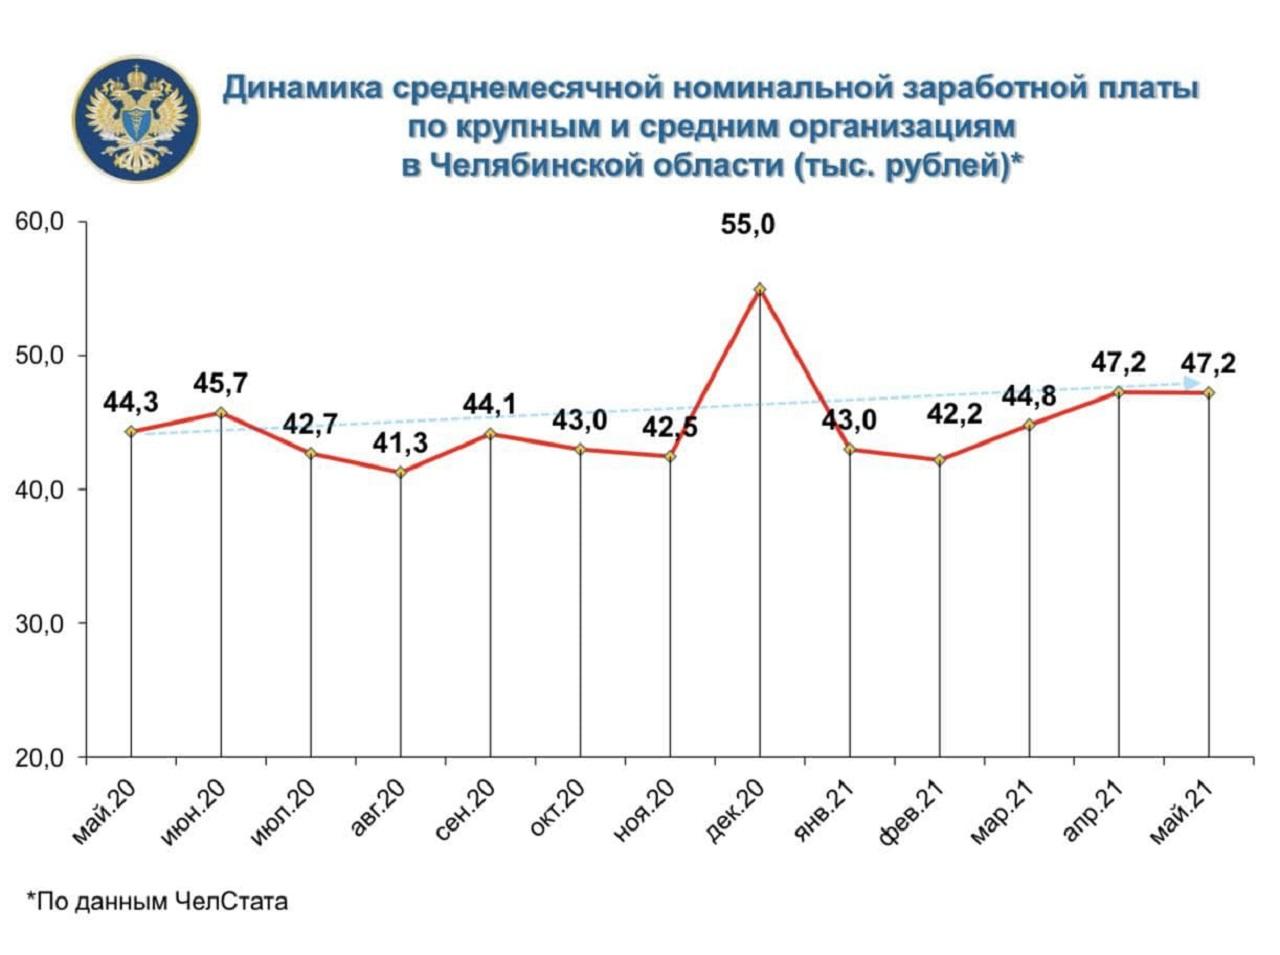 Работа в Челябинске: эксперты назвали самые высокооплачиваемые сферы